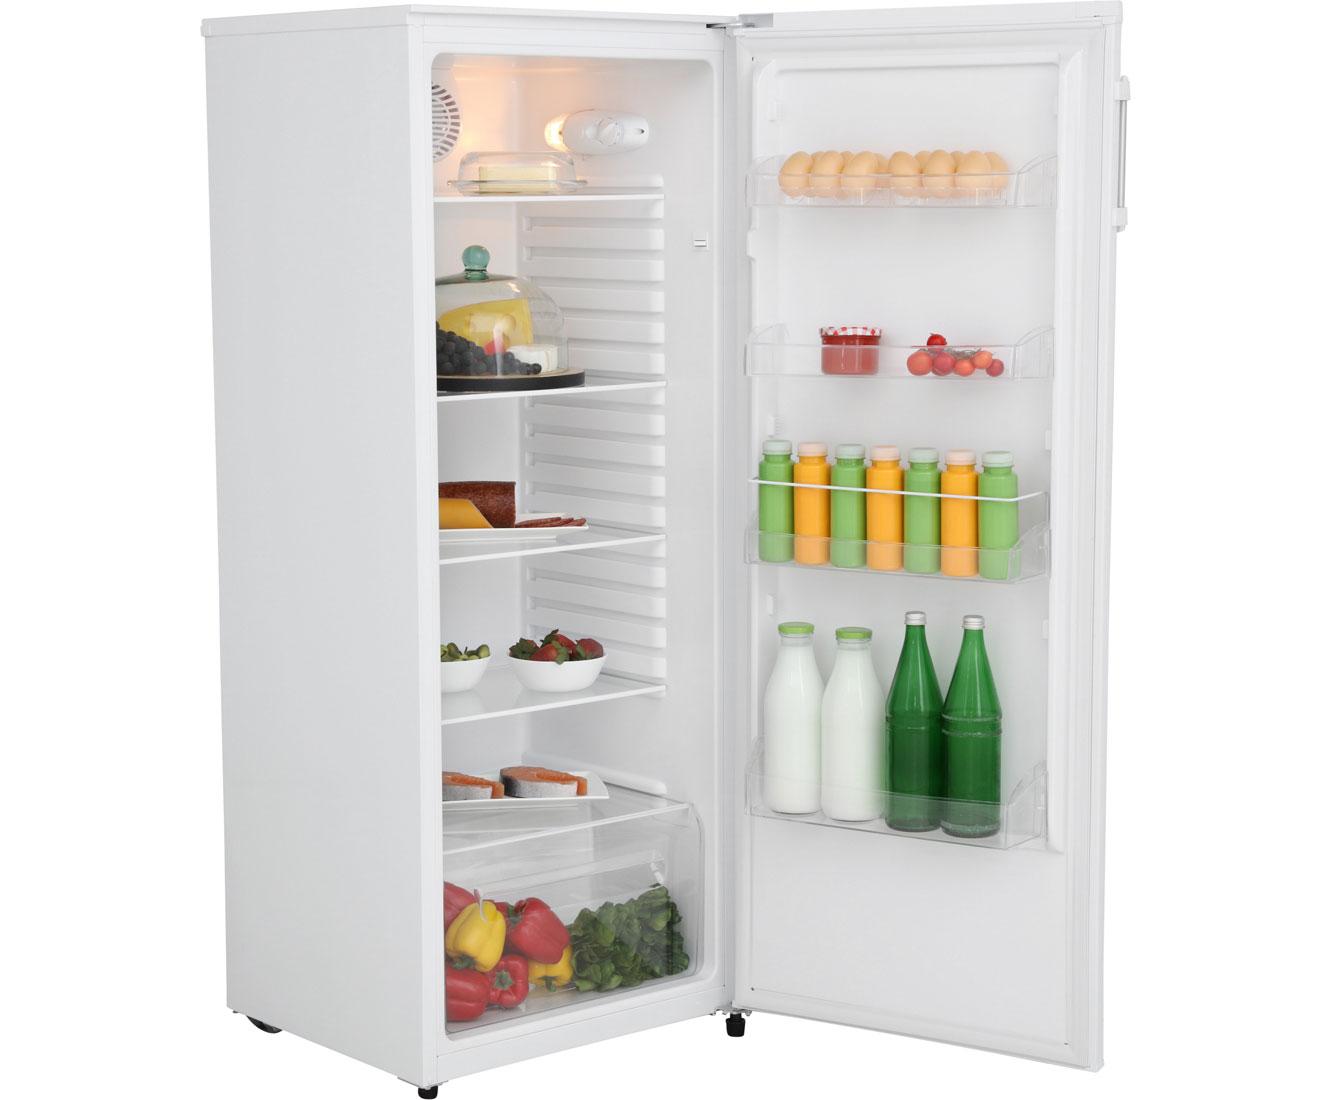 Bomann Kühlschrank Edelstahl : Kühlschrank edelstahl freistehend kühlschrank freistehend